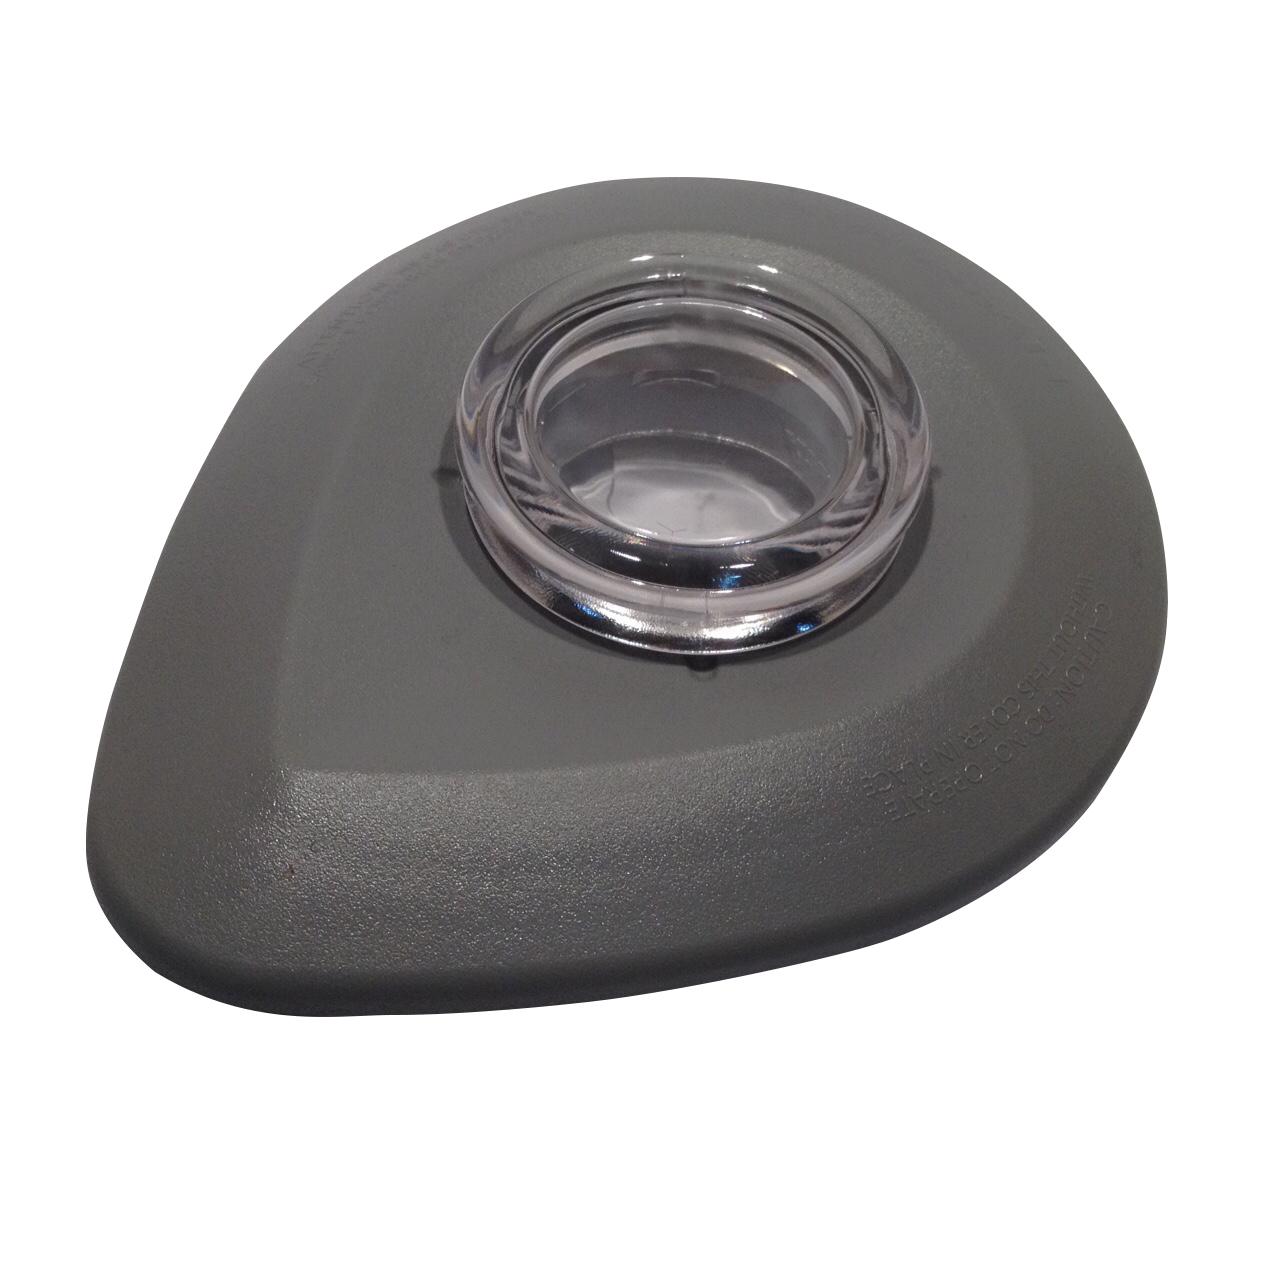 Grey kitchenaid blender lid and measuring cup cap for ksb555 ksb565 lana 39 s kenwood - Kitchenaid blender parts uk ...